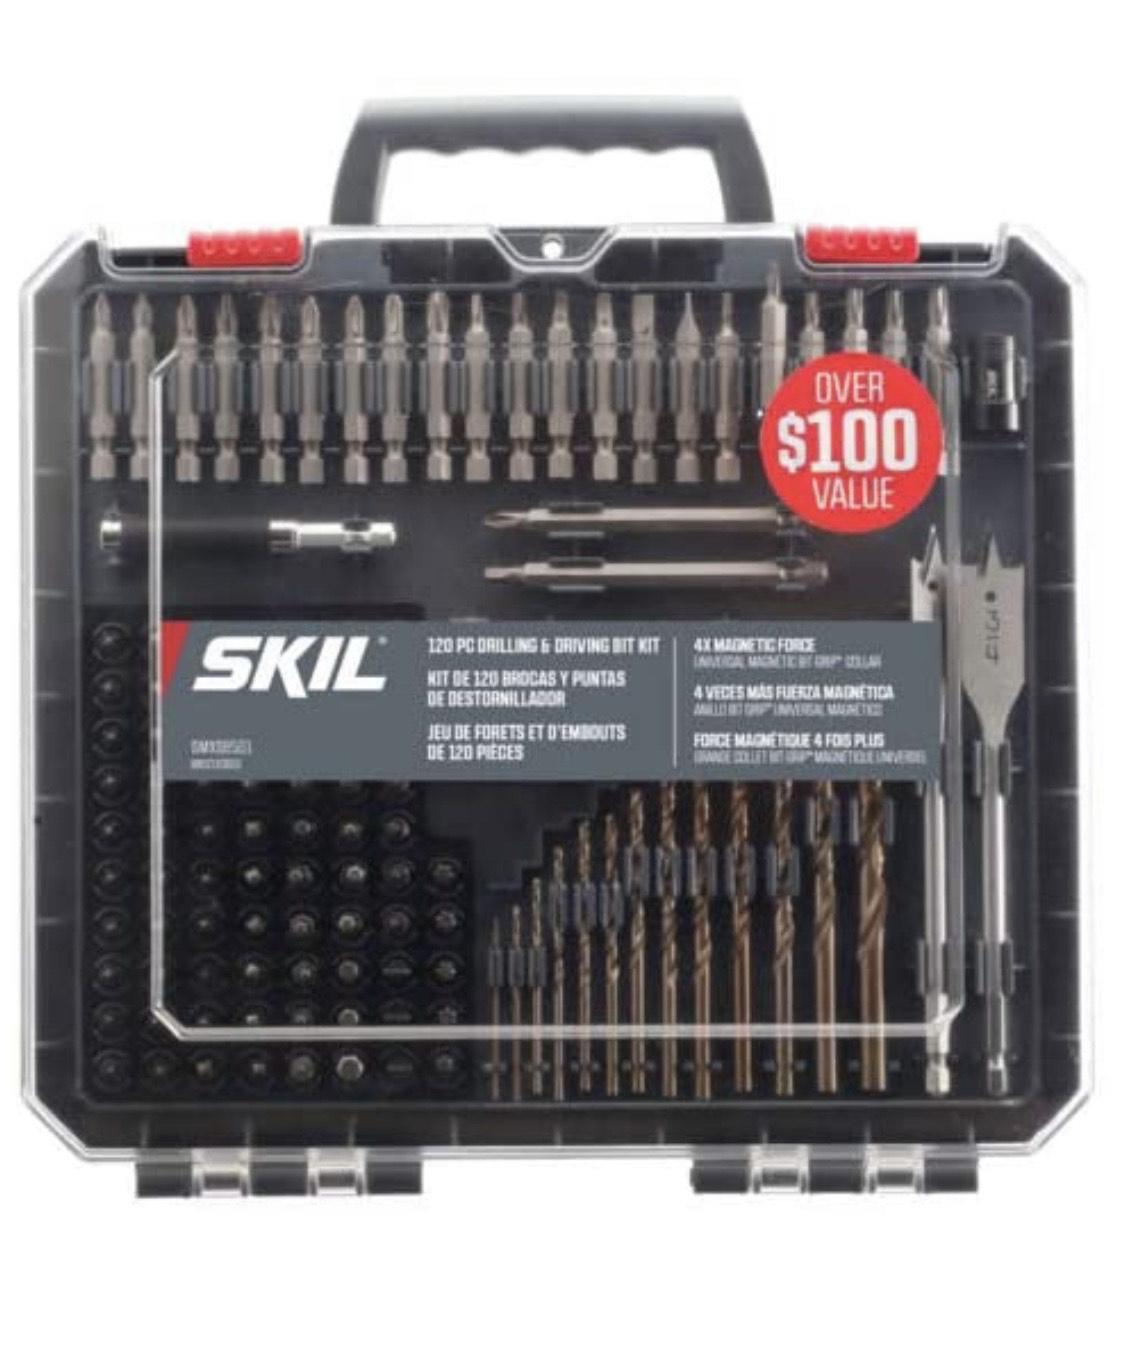 Amazon: Skil SMXS8501 - Juego de brocas y puntas (120 unidades)